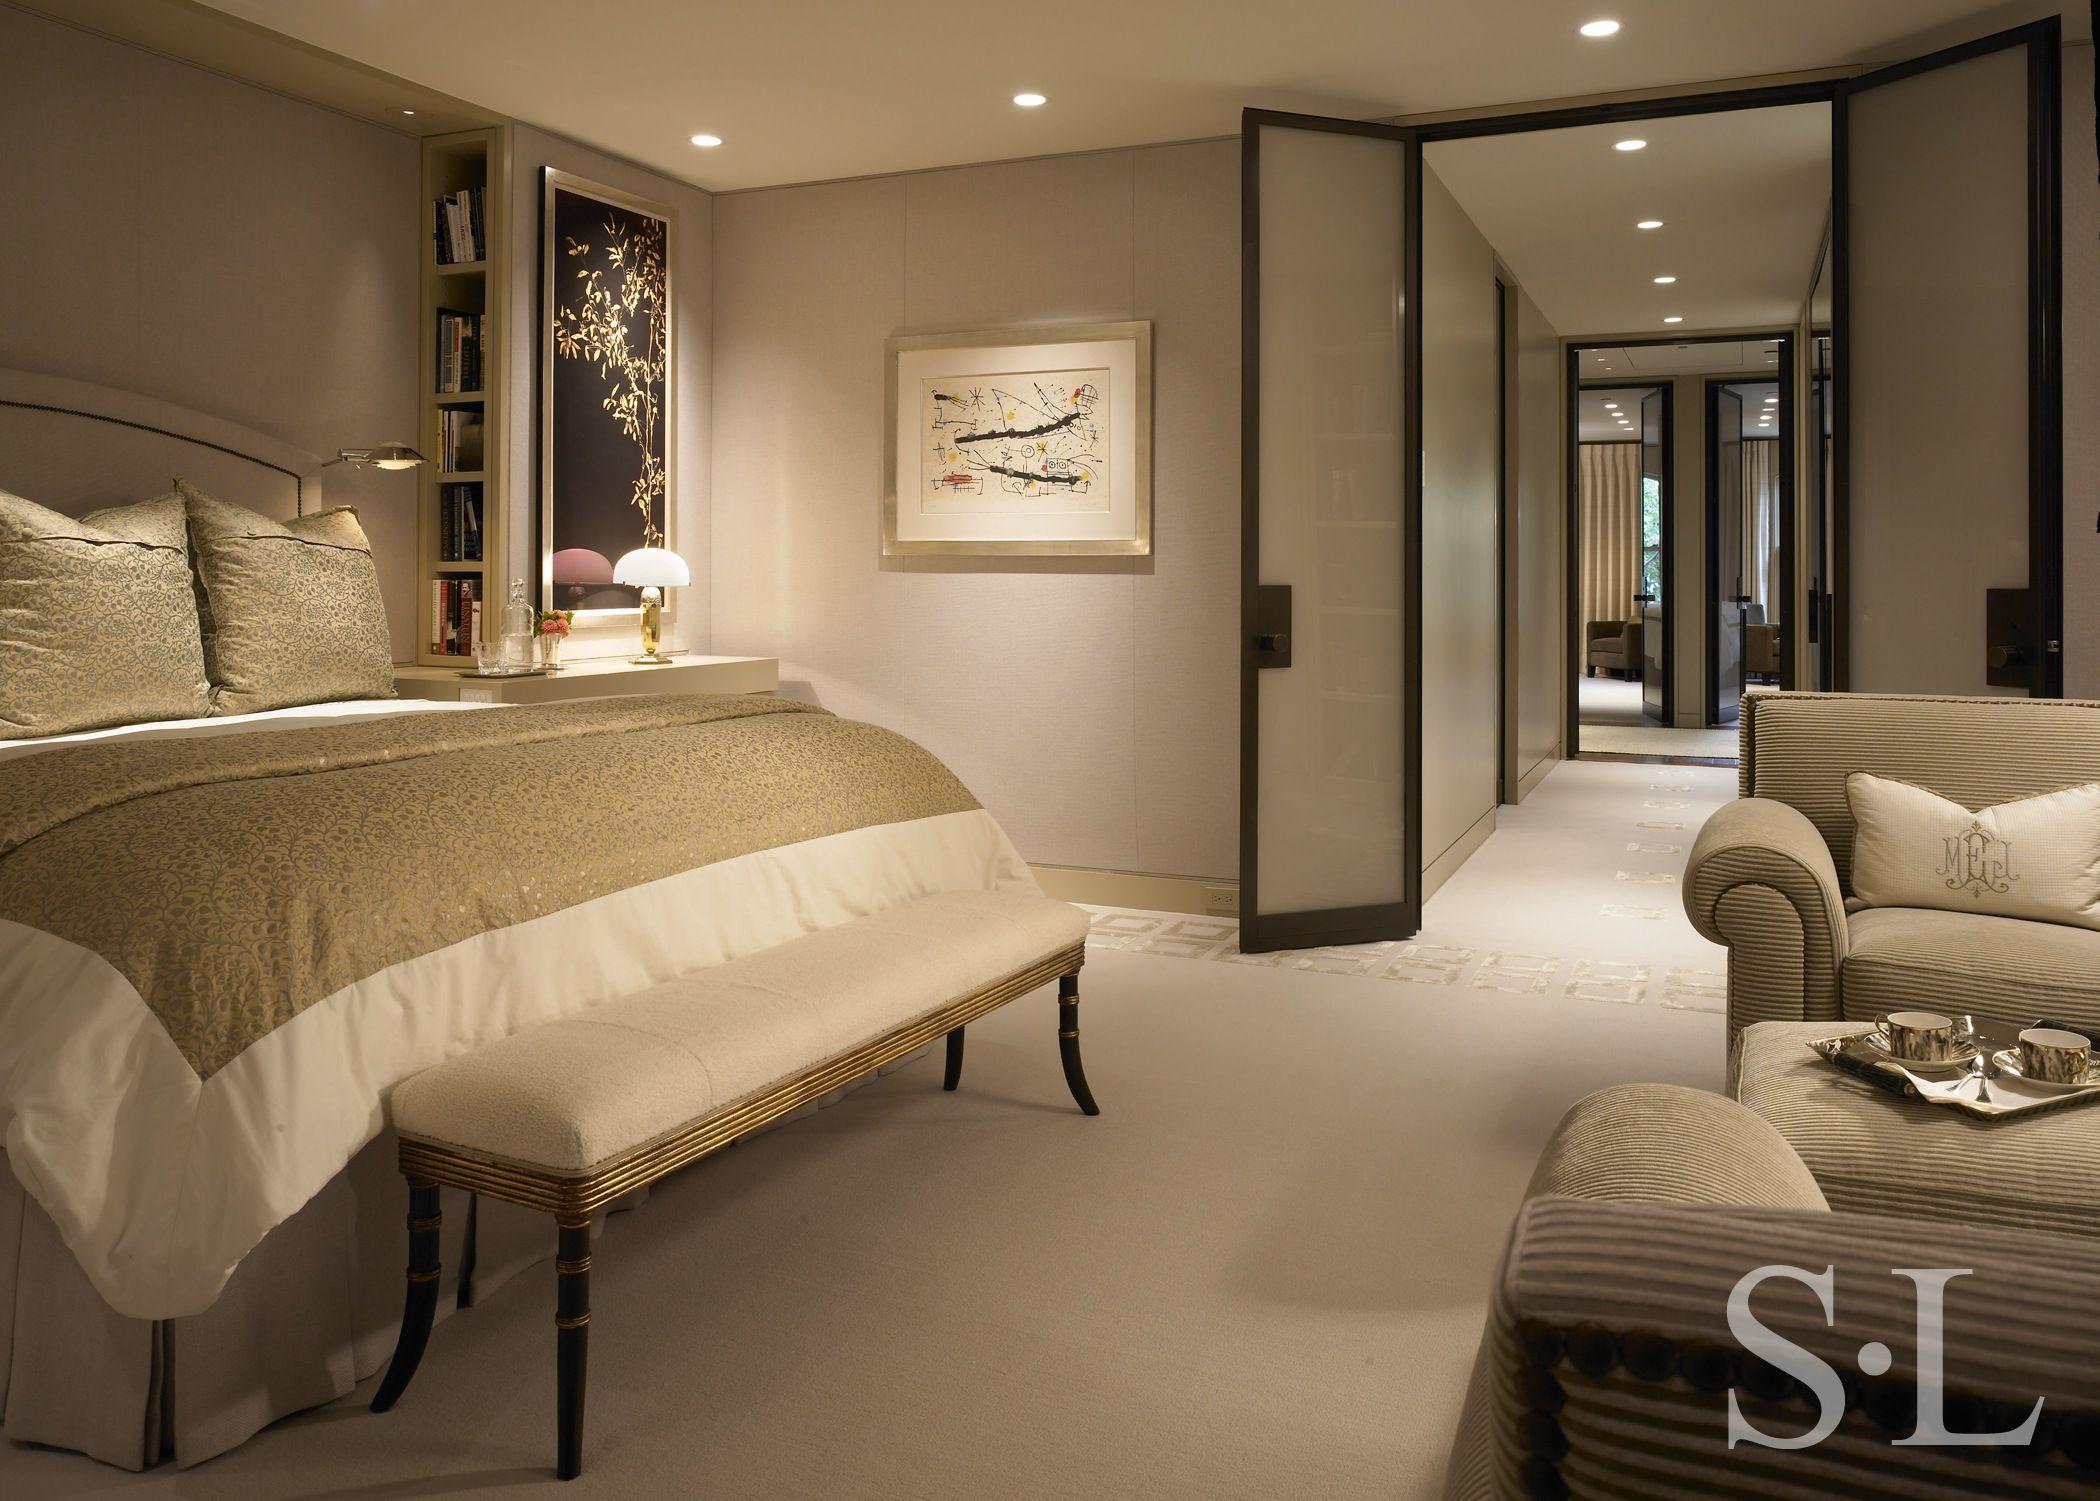 feng shui schlafzimmer bett ausrichtung wohnideen. Black Bedroom Furniture Sets. Home Design Ideas